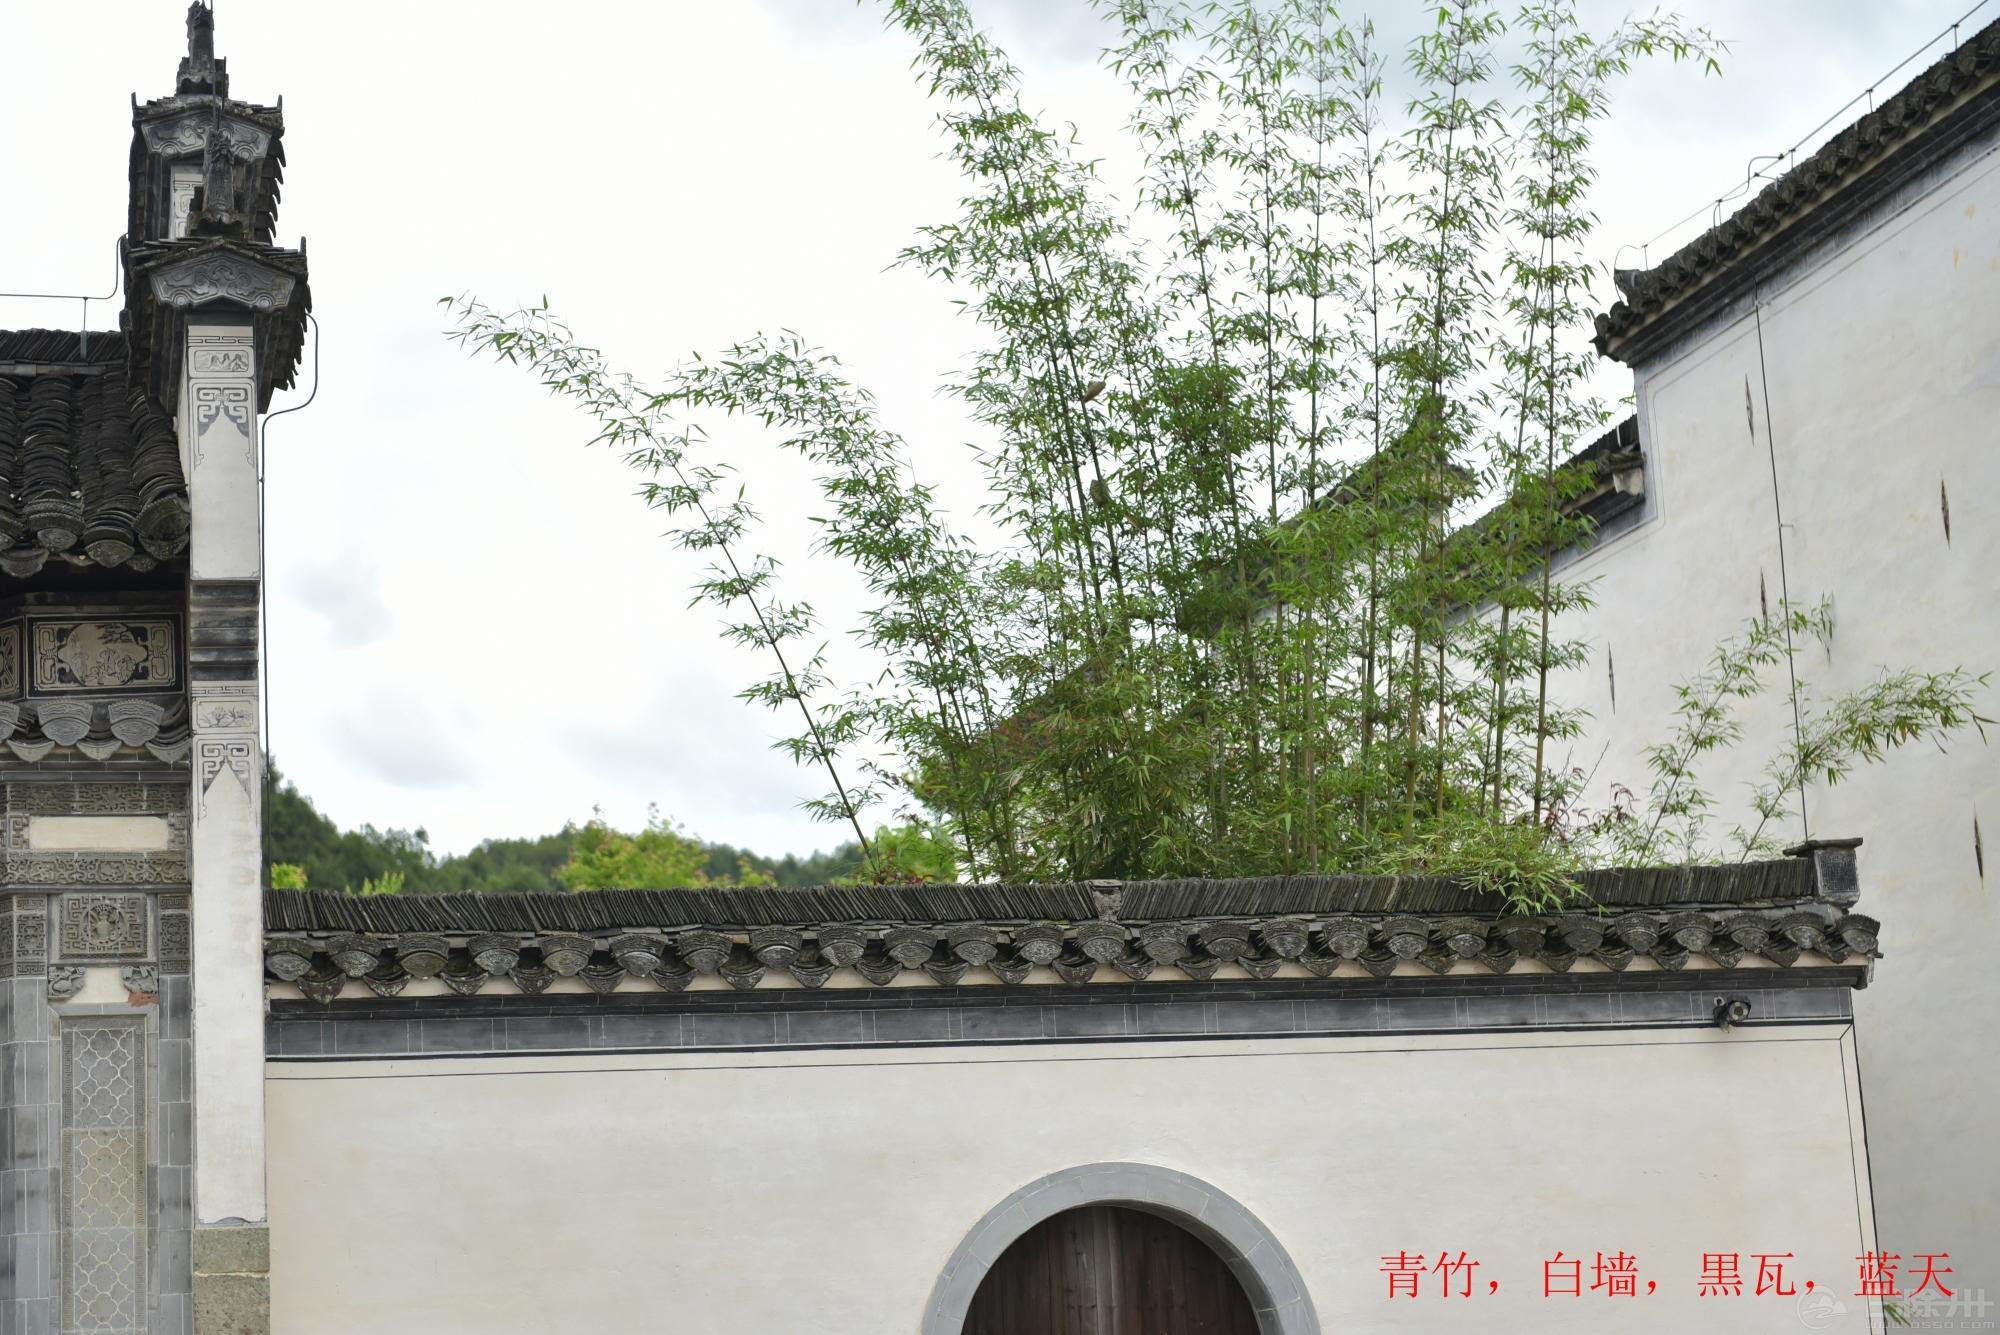 DSC_9888_副本_副本.jpg